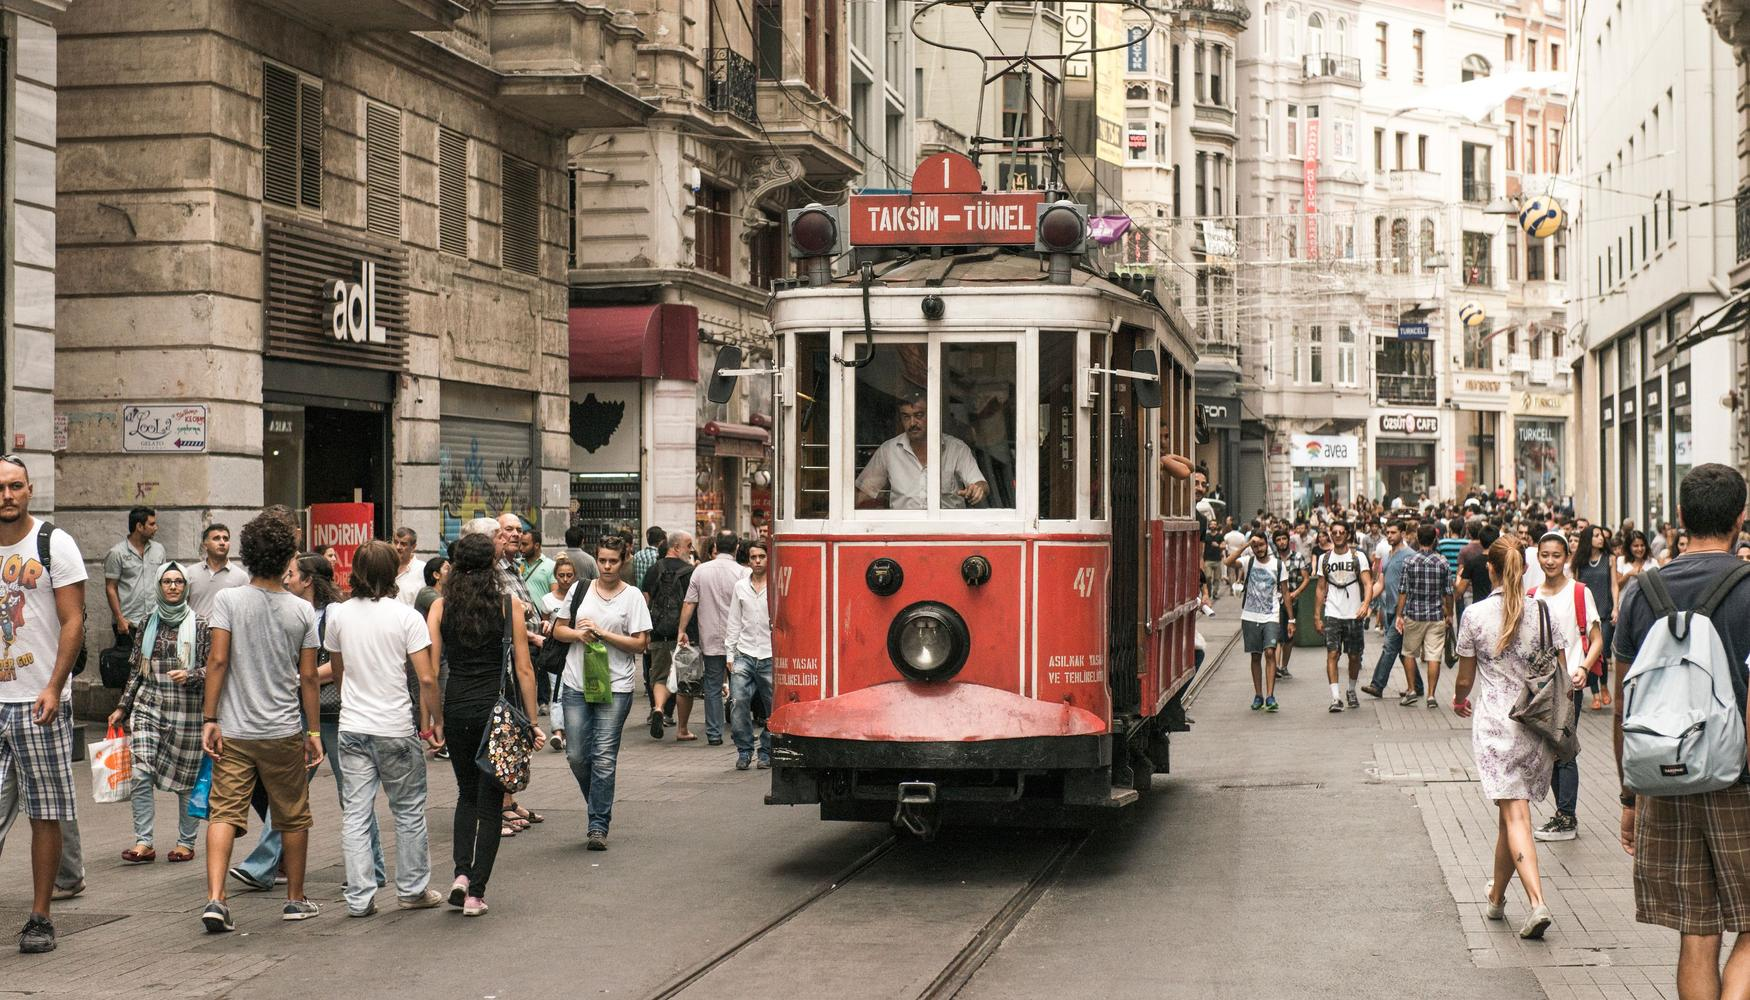 伊斯坦布尔 Istanbul的租车